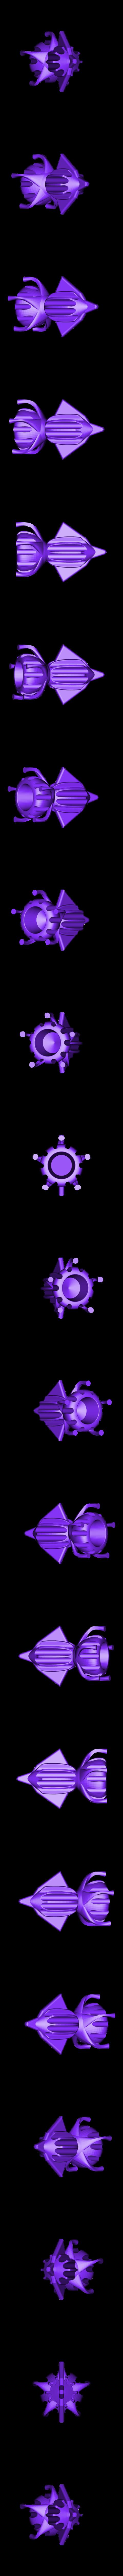 fighter.stl Télécharger fichier STL gratuit little rocket fighter • Objet à imprimer en 3D, squiqui